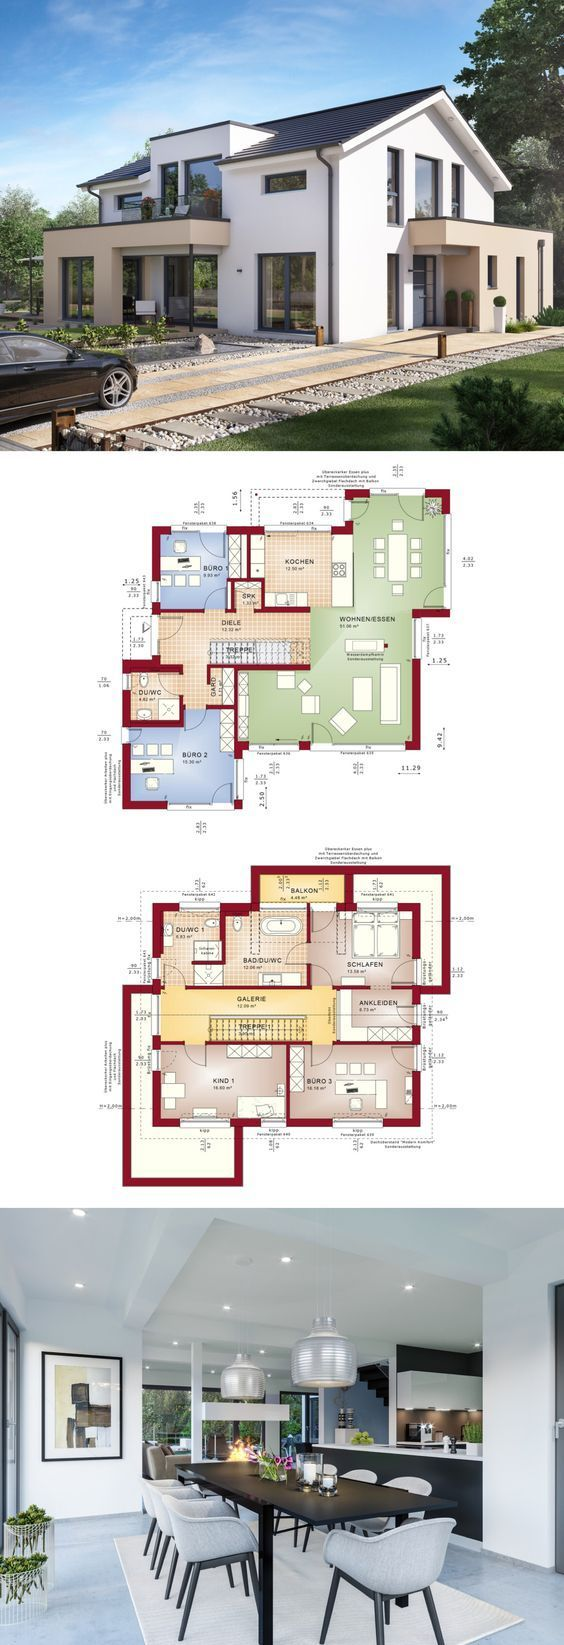 Modernes Designhaus mit Schrägdach – Fertighaus Concept M 155 Bien Zenker – Einfamilienhaus Bauplan Grundriss moderne offene Küch …